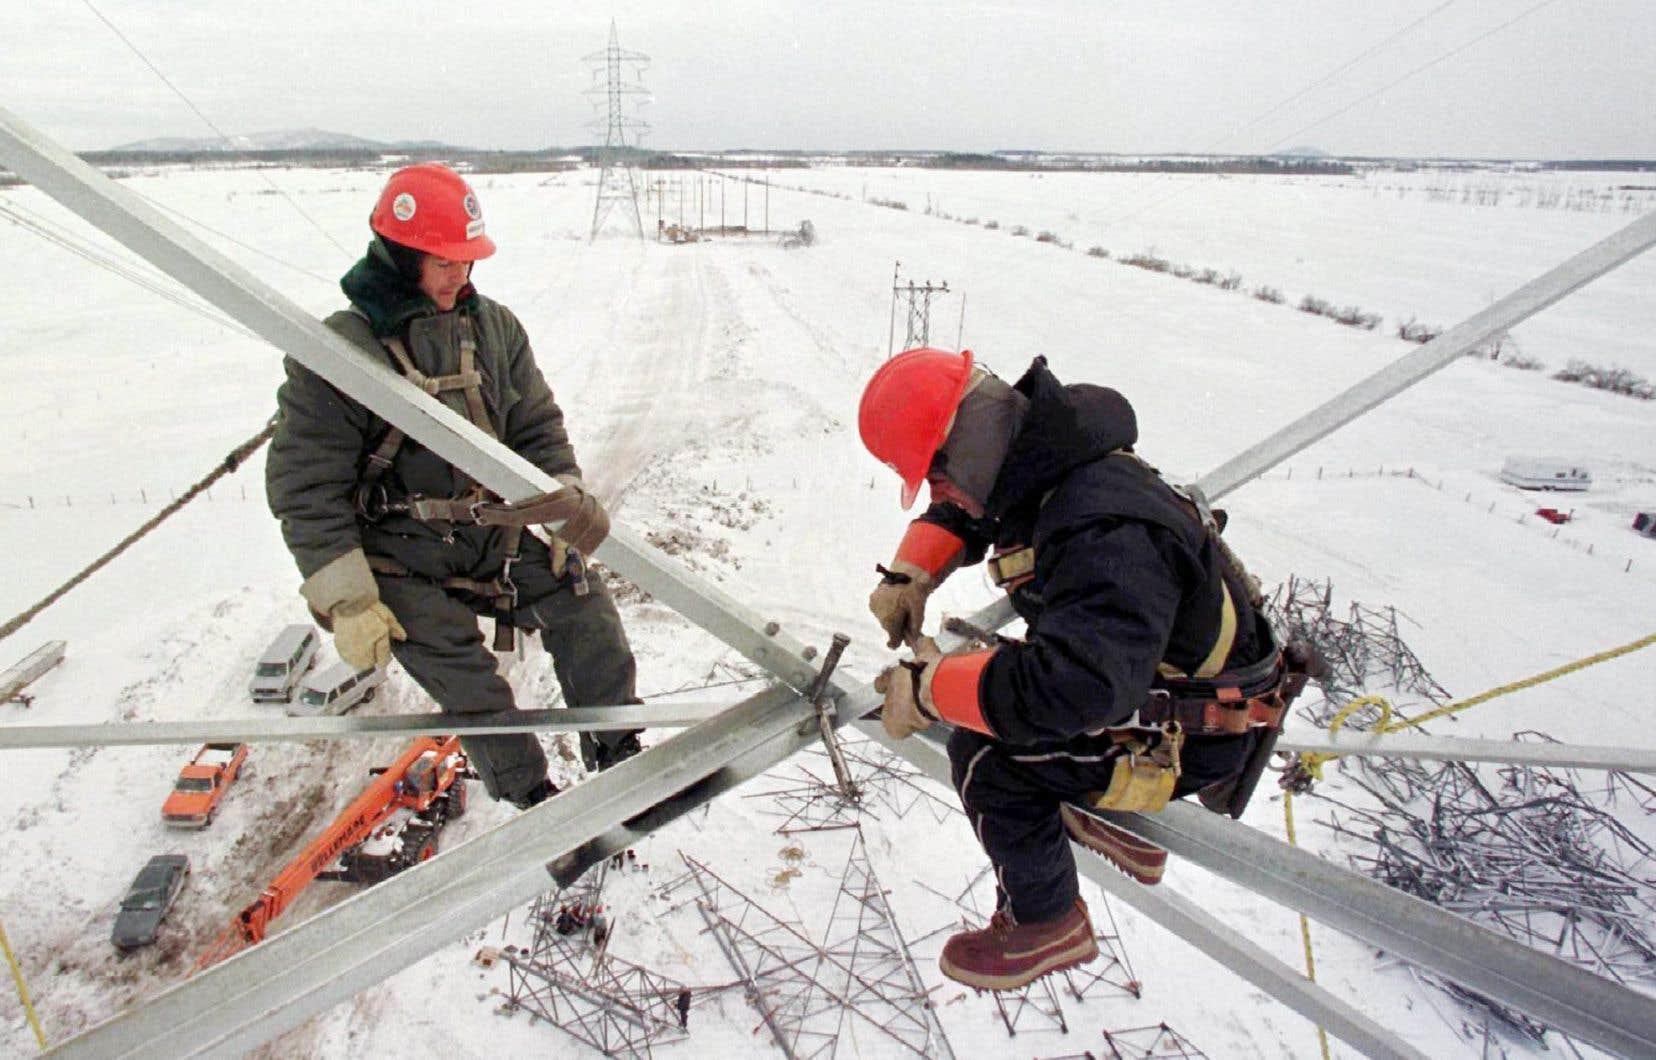 Les travailleurs Harold Boudreault, du Saguenay–Lac-Saint-Jean, et Roch Bresson, de Sacré-Cœur, assemblent un nouveau pylône au-dessus d'un champ d'Otterburn Park, en Montérégie.